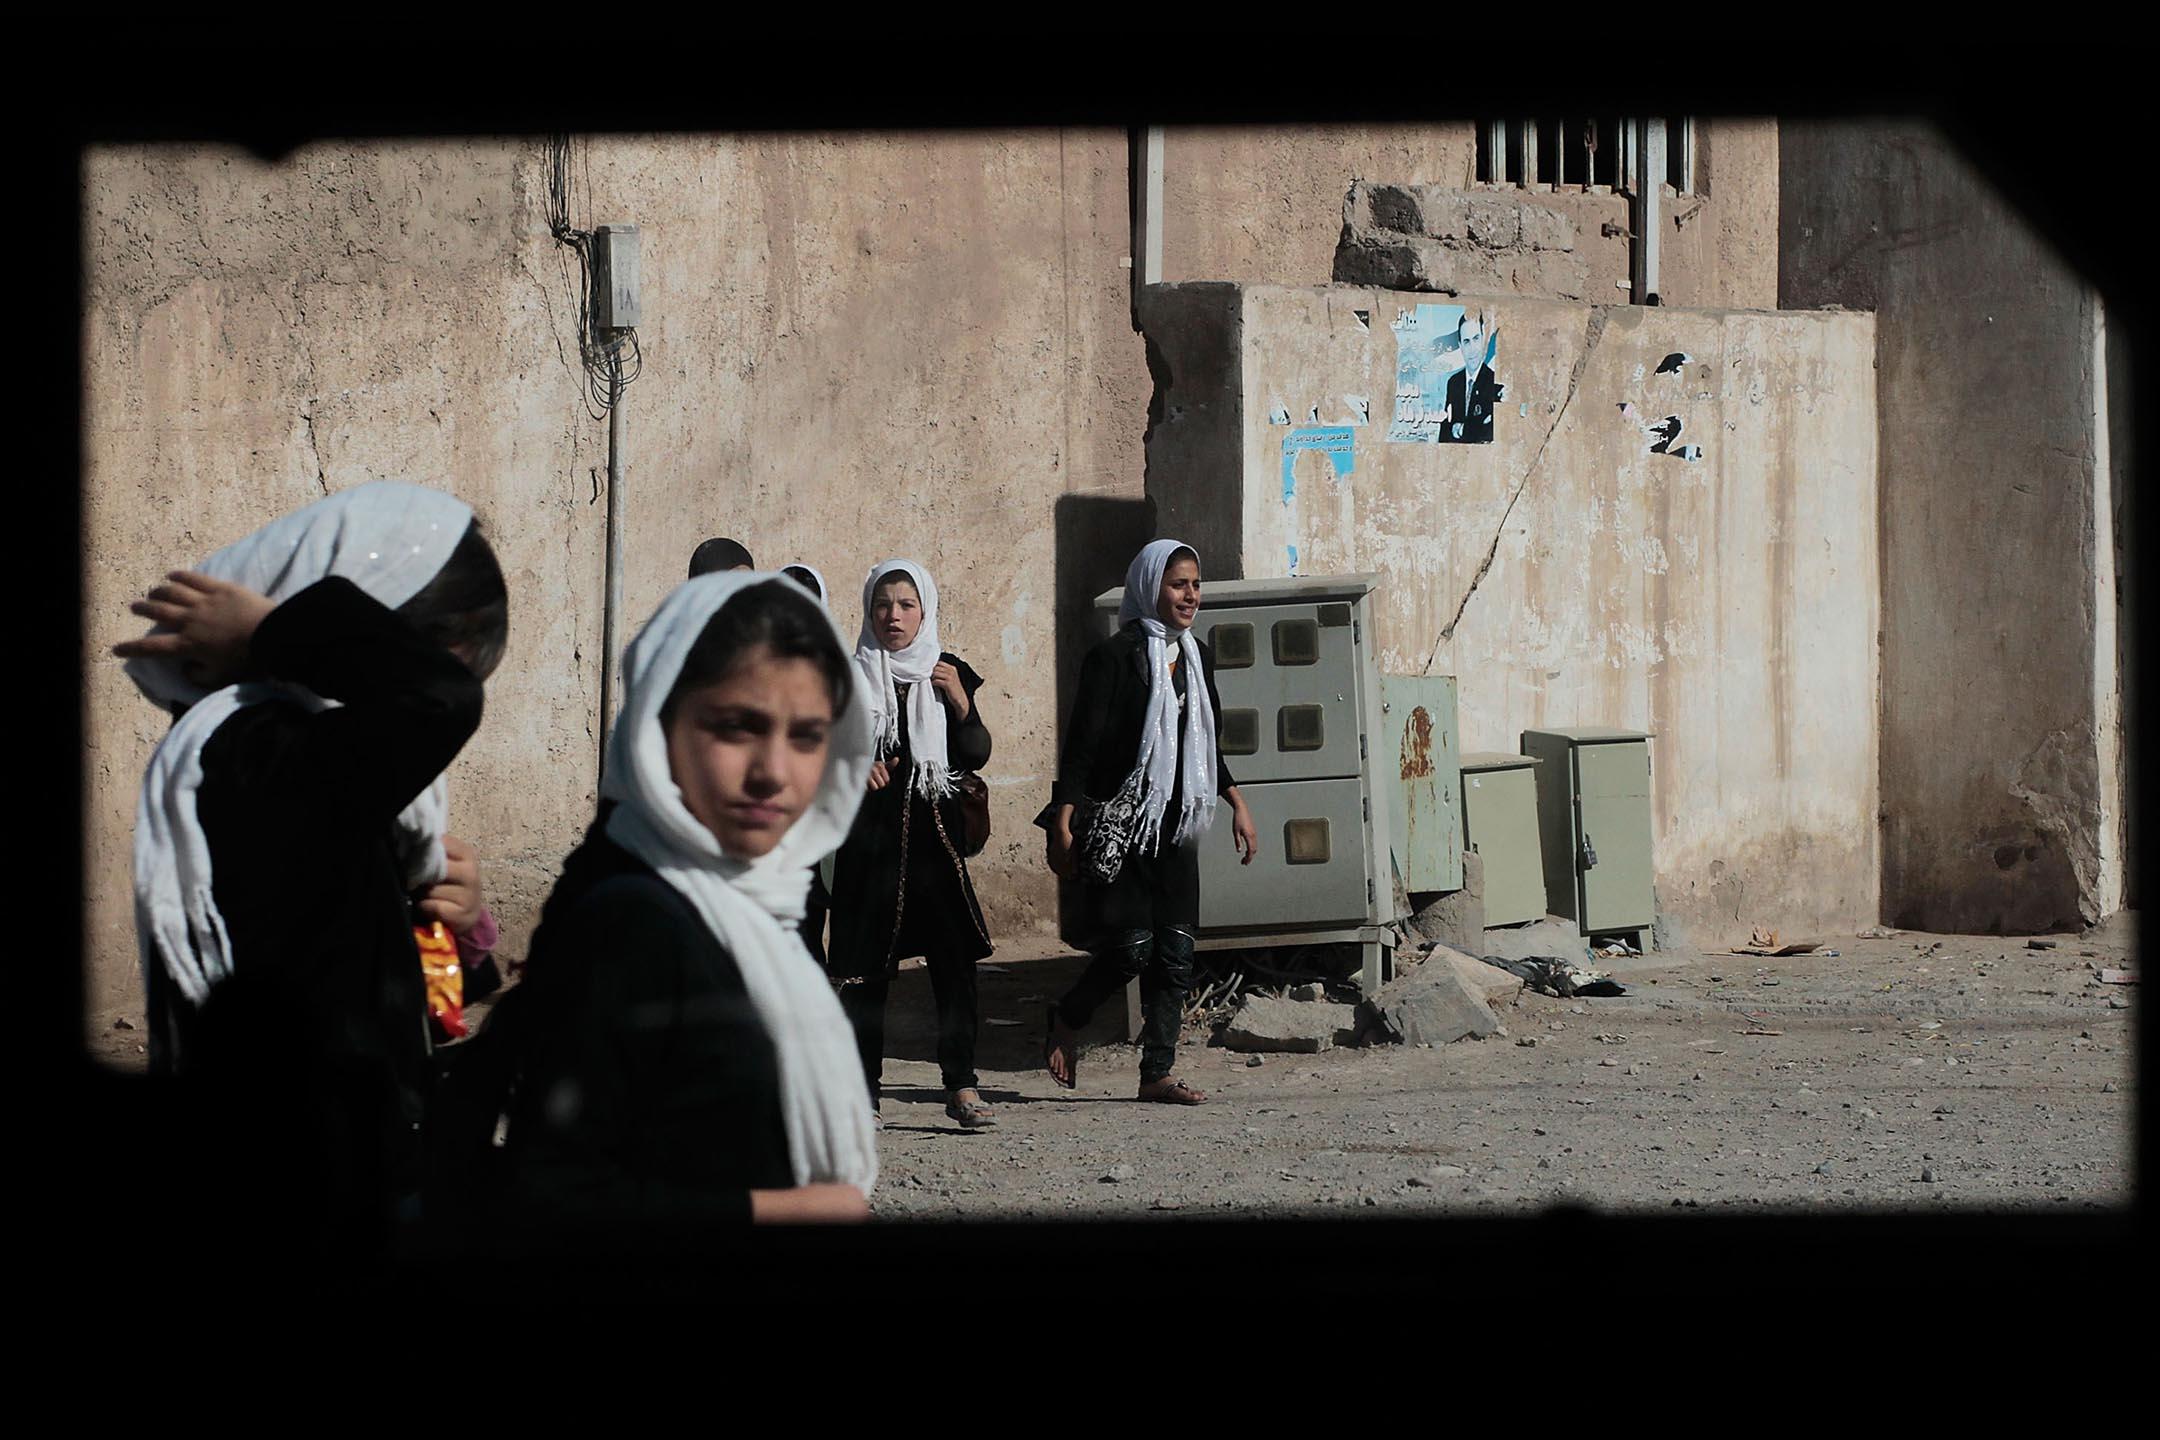 2010年10月24日阿富汗赫拉特,從課堂上回家的女學生。